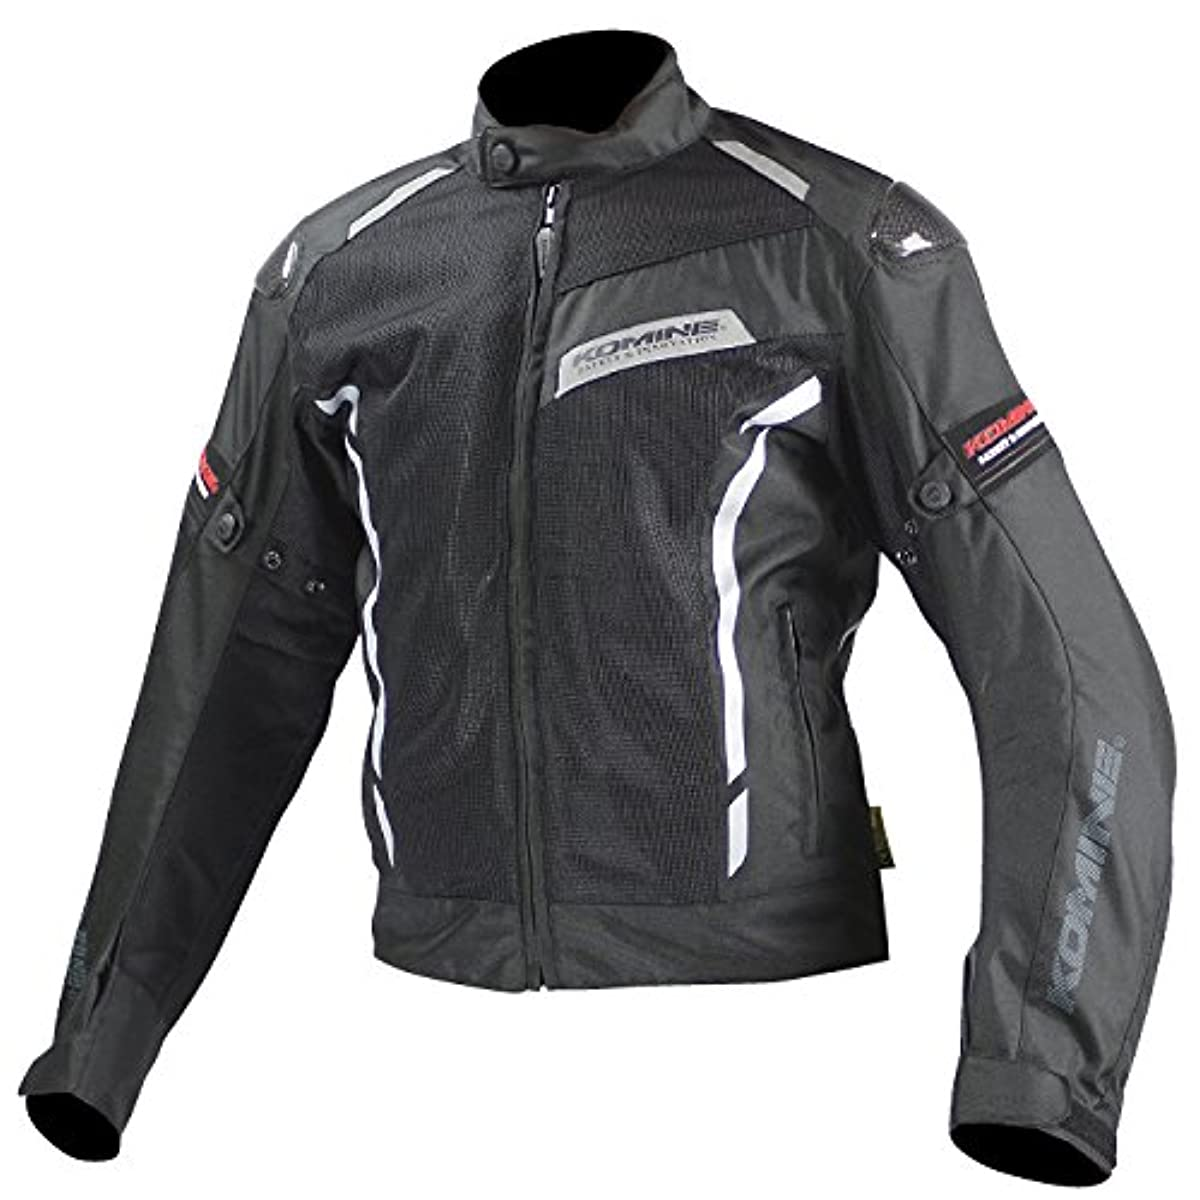 [해외] 코미네 KOMINE 오토바이 카본 프로텍트 메쉬 재킷 아우터 프로텍터 카본 통기성 블랙 XL 07-103 JK-103